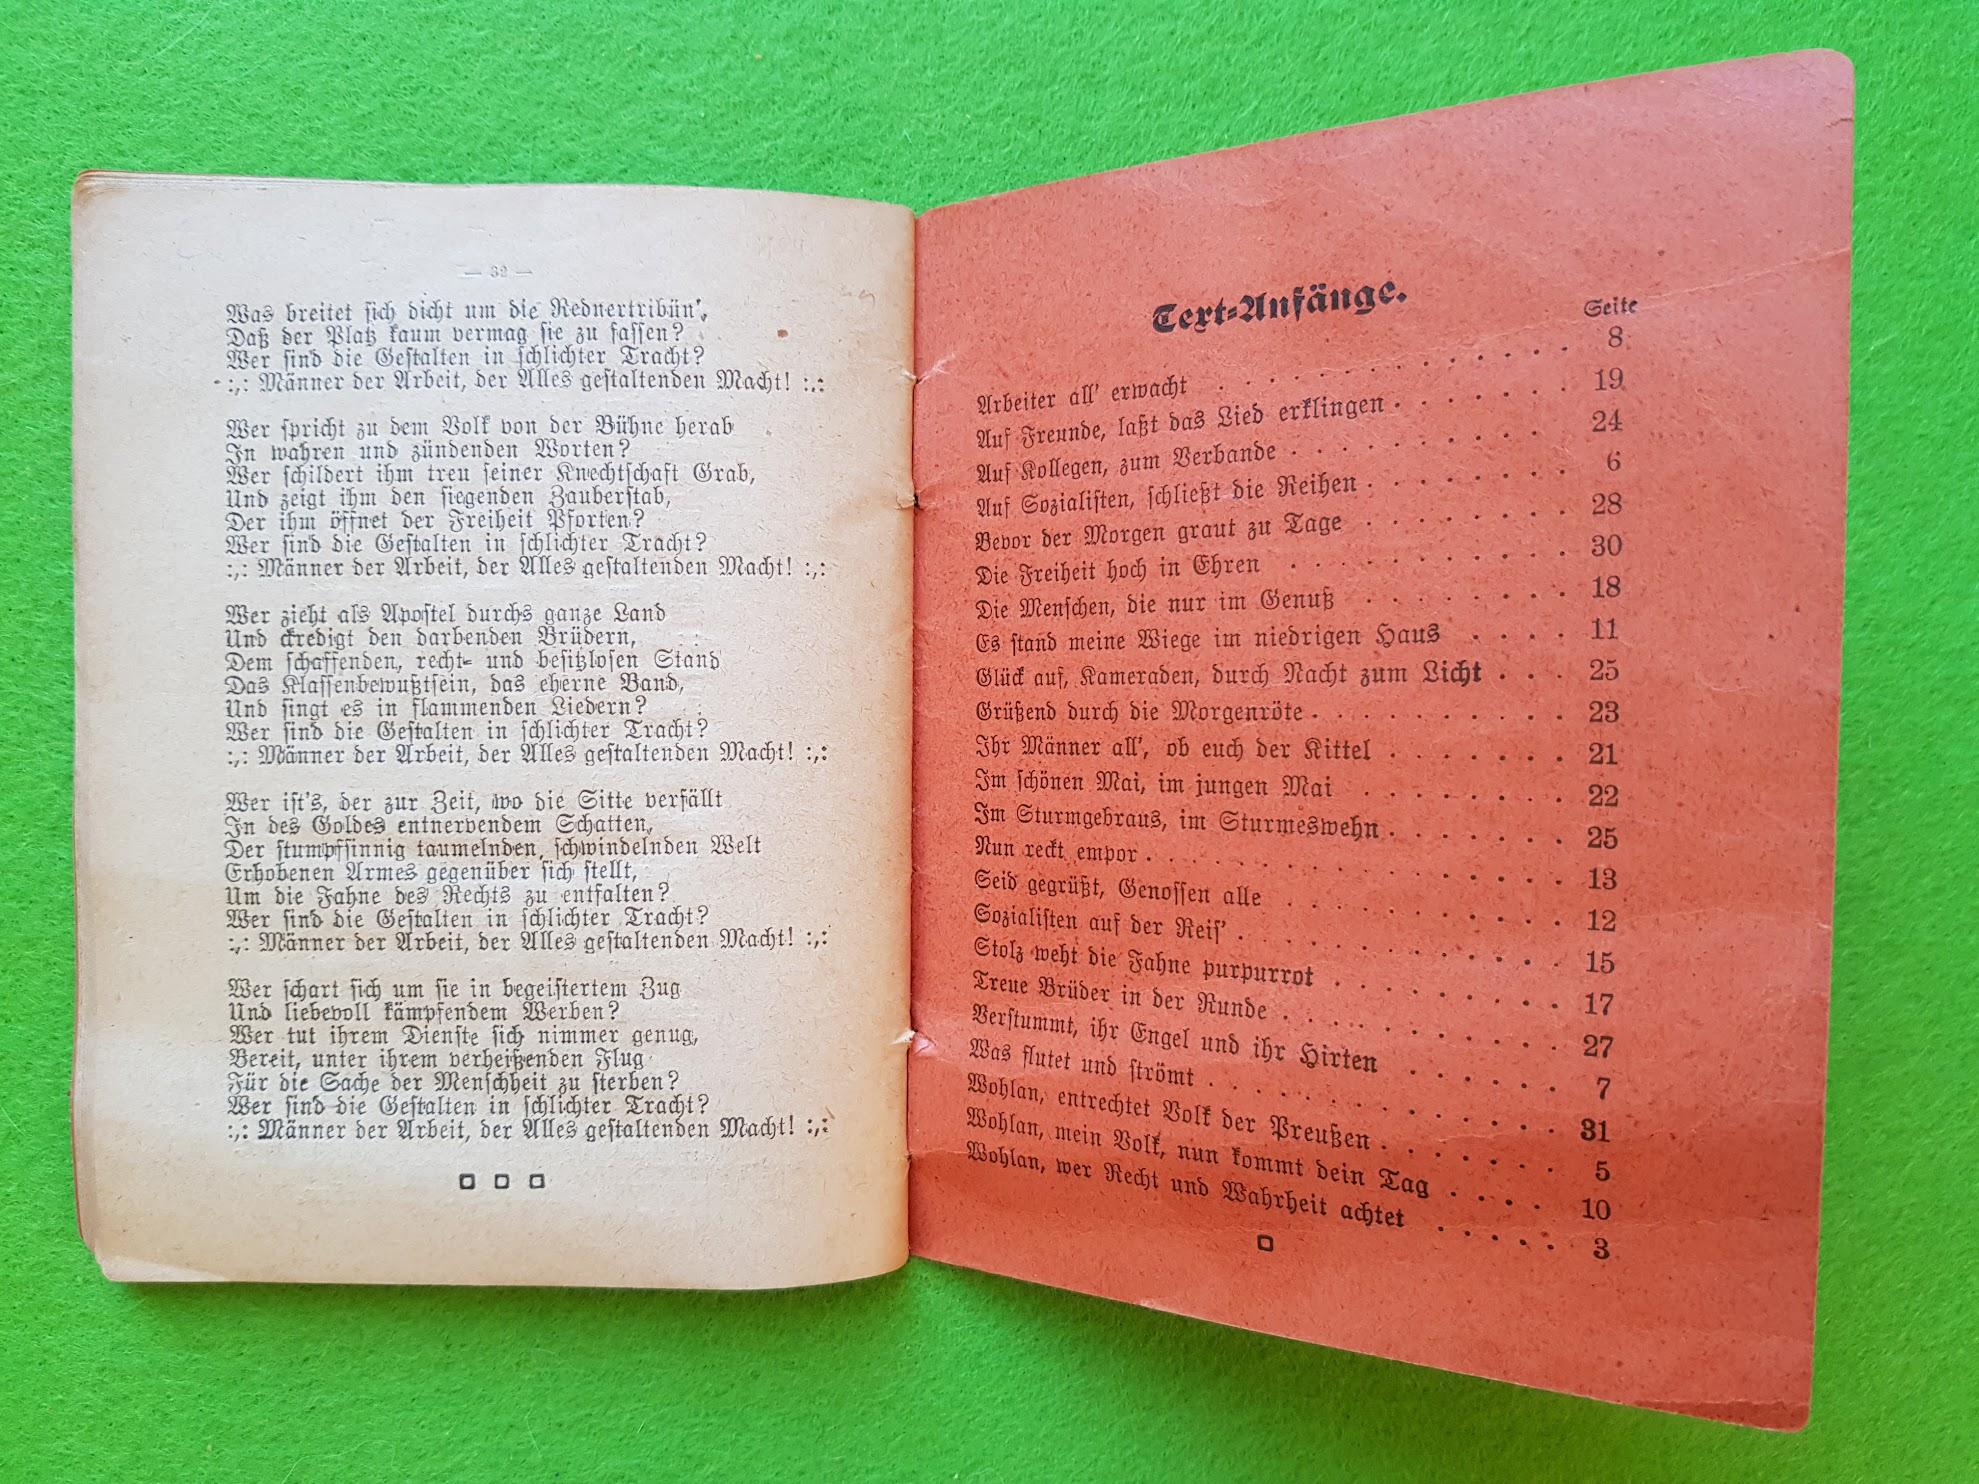 Arbeiter Liederbuch für Massengesang, 1910 - Inhaltsverzeichnis mit Liedanfängen